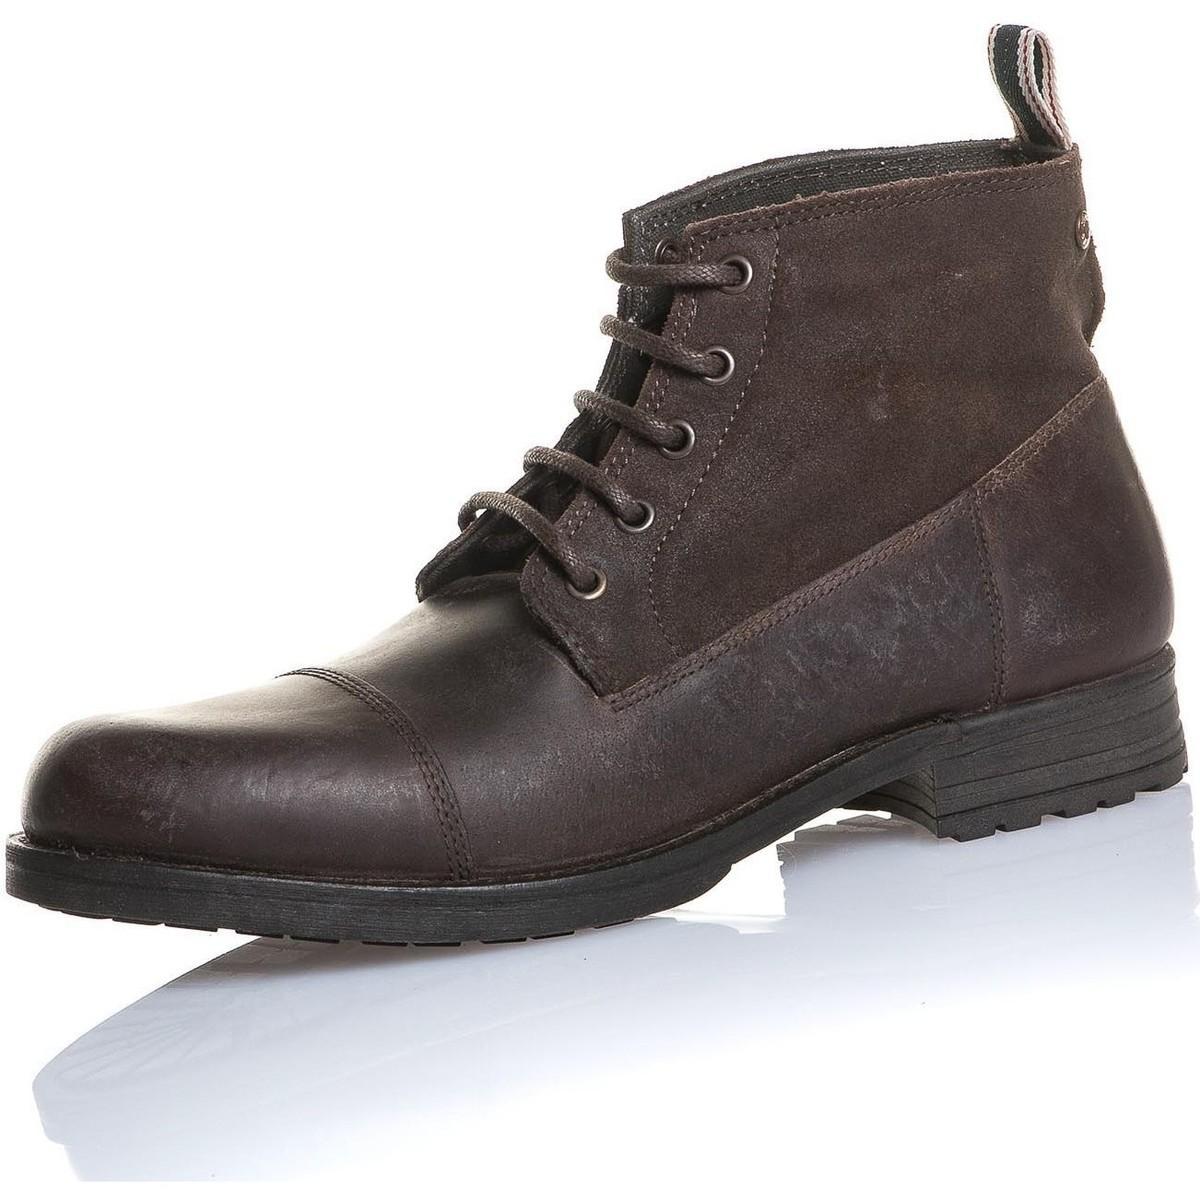 7304234d096 Lyst - Chaussure homme marron cuir montante hommes Boots en Marron ...